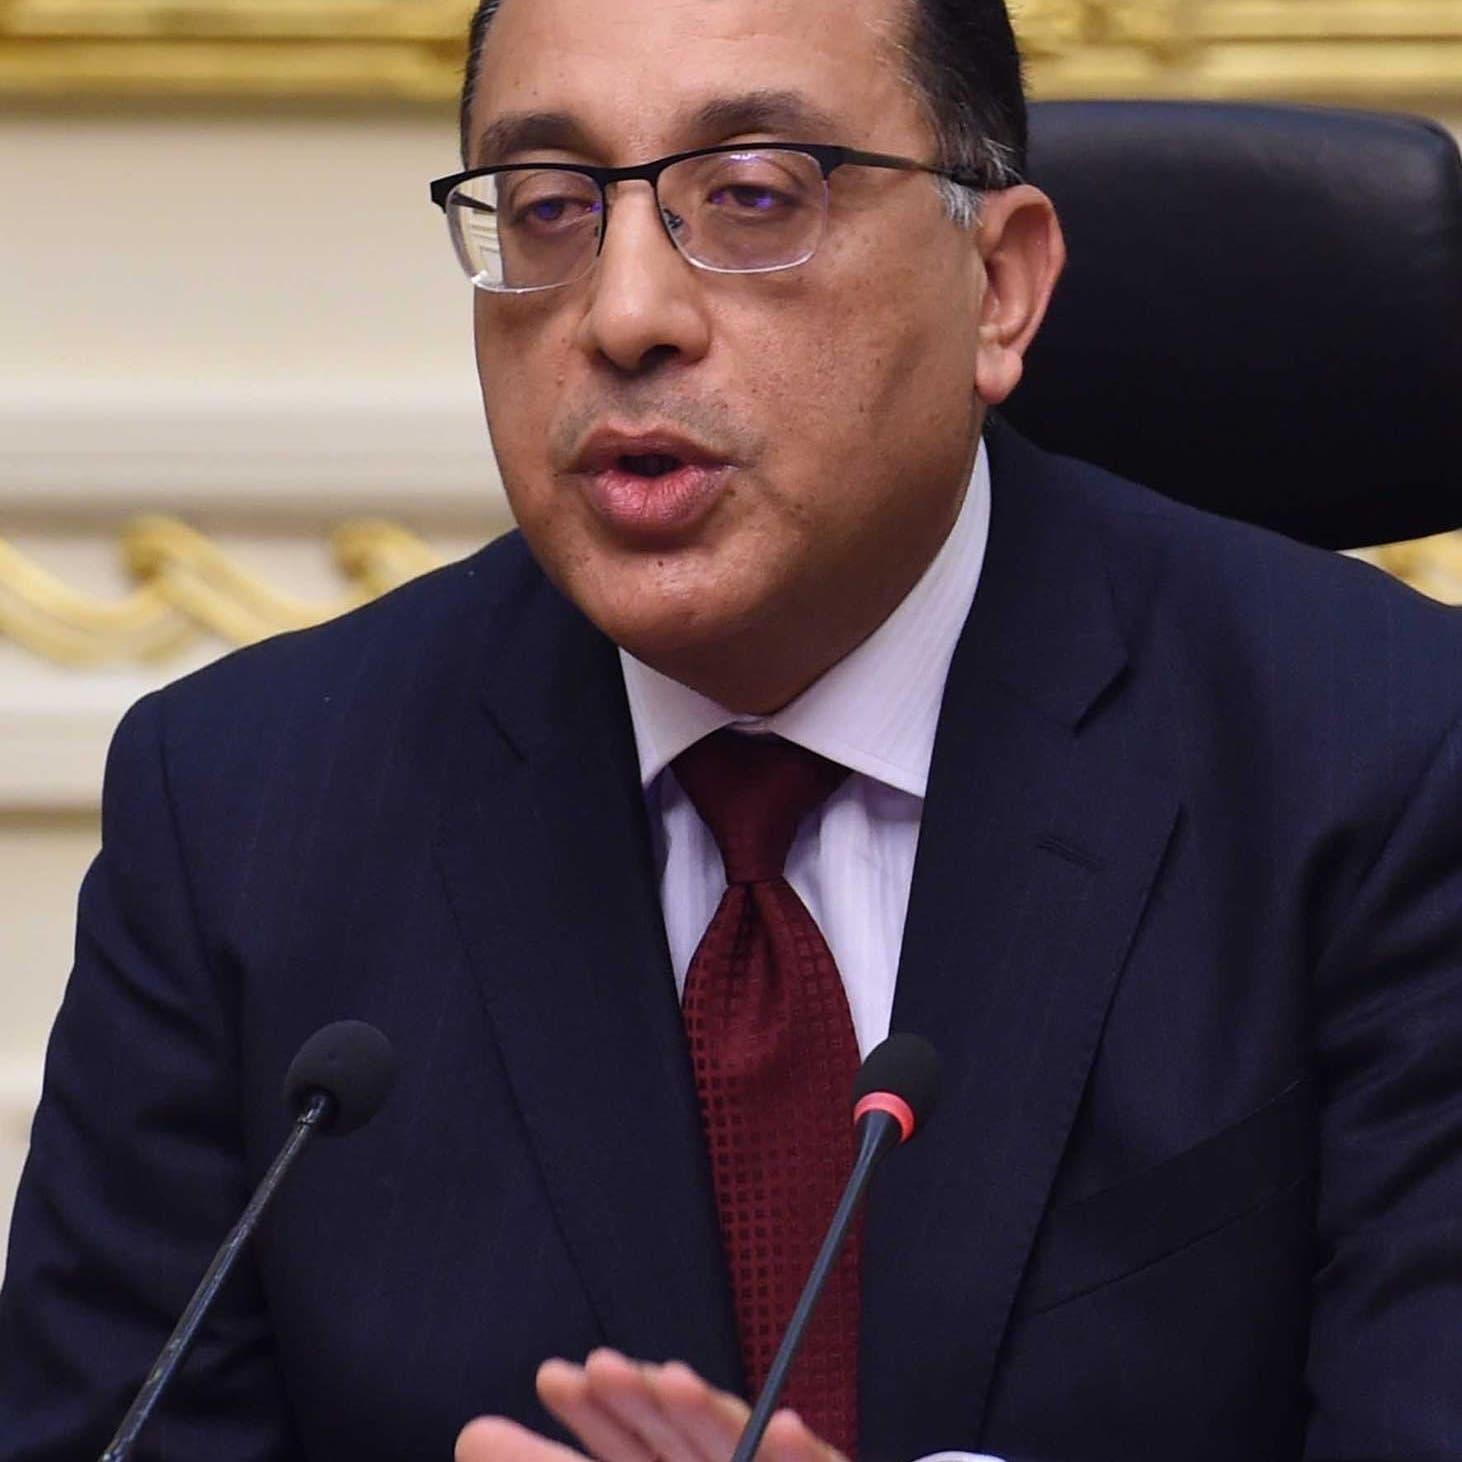 رئيس الوزراء المصري يزور العاصمة الليبية الثلاثاء